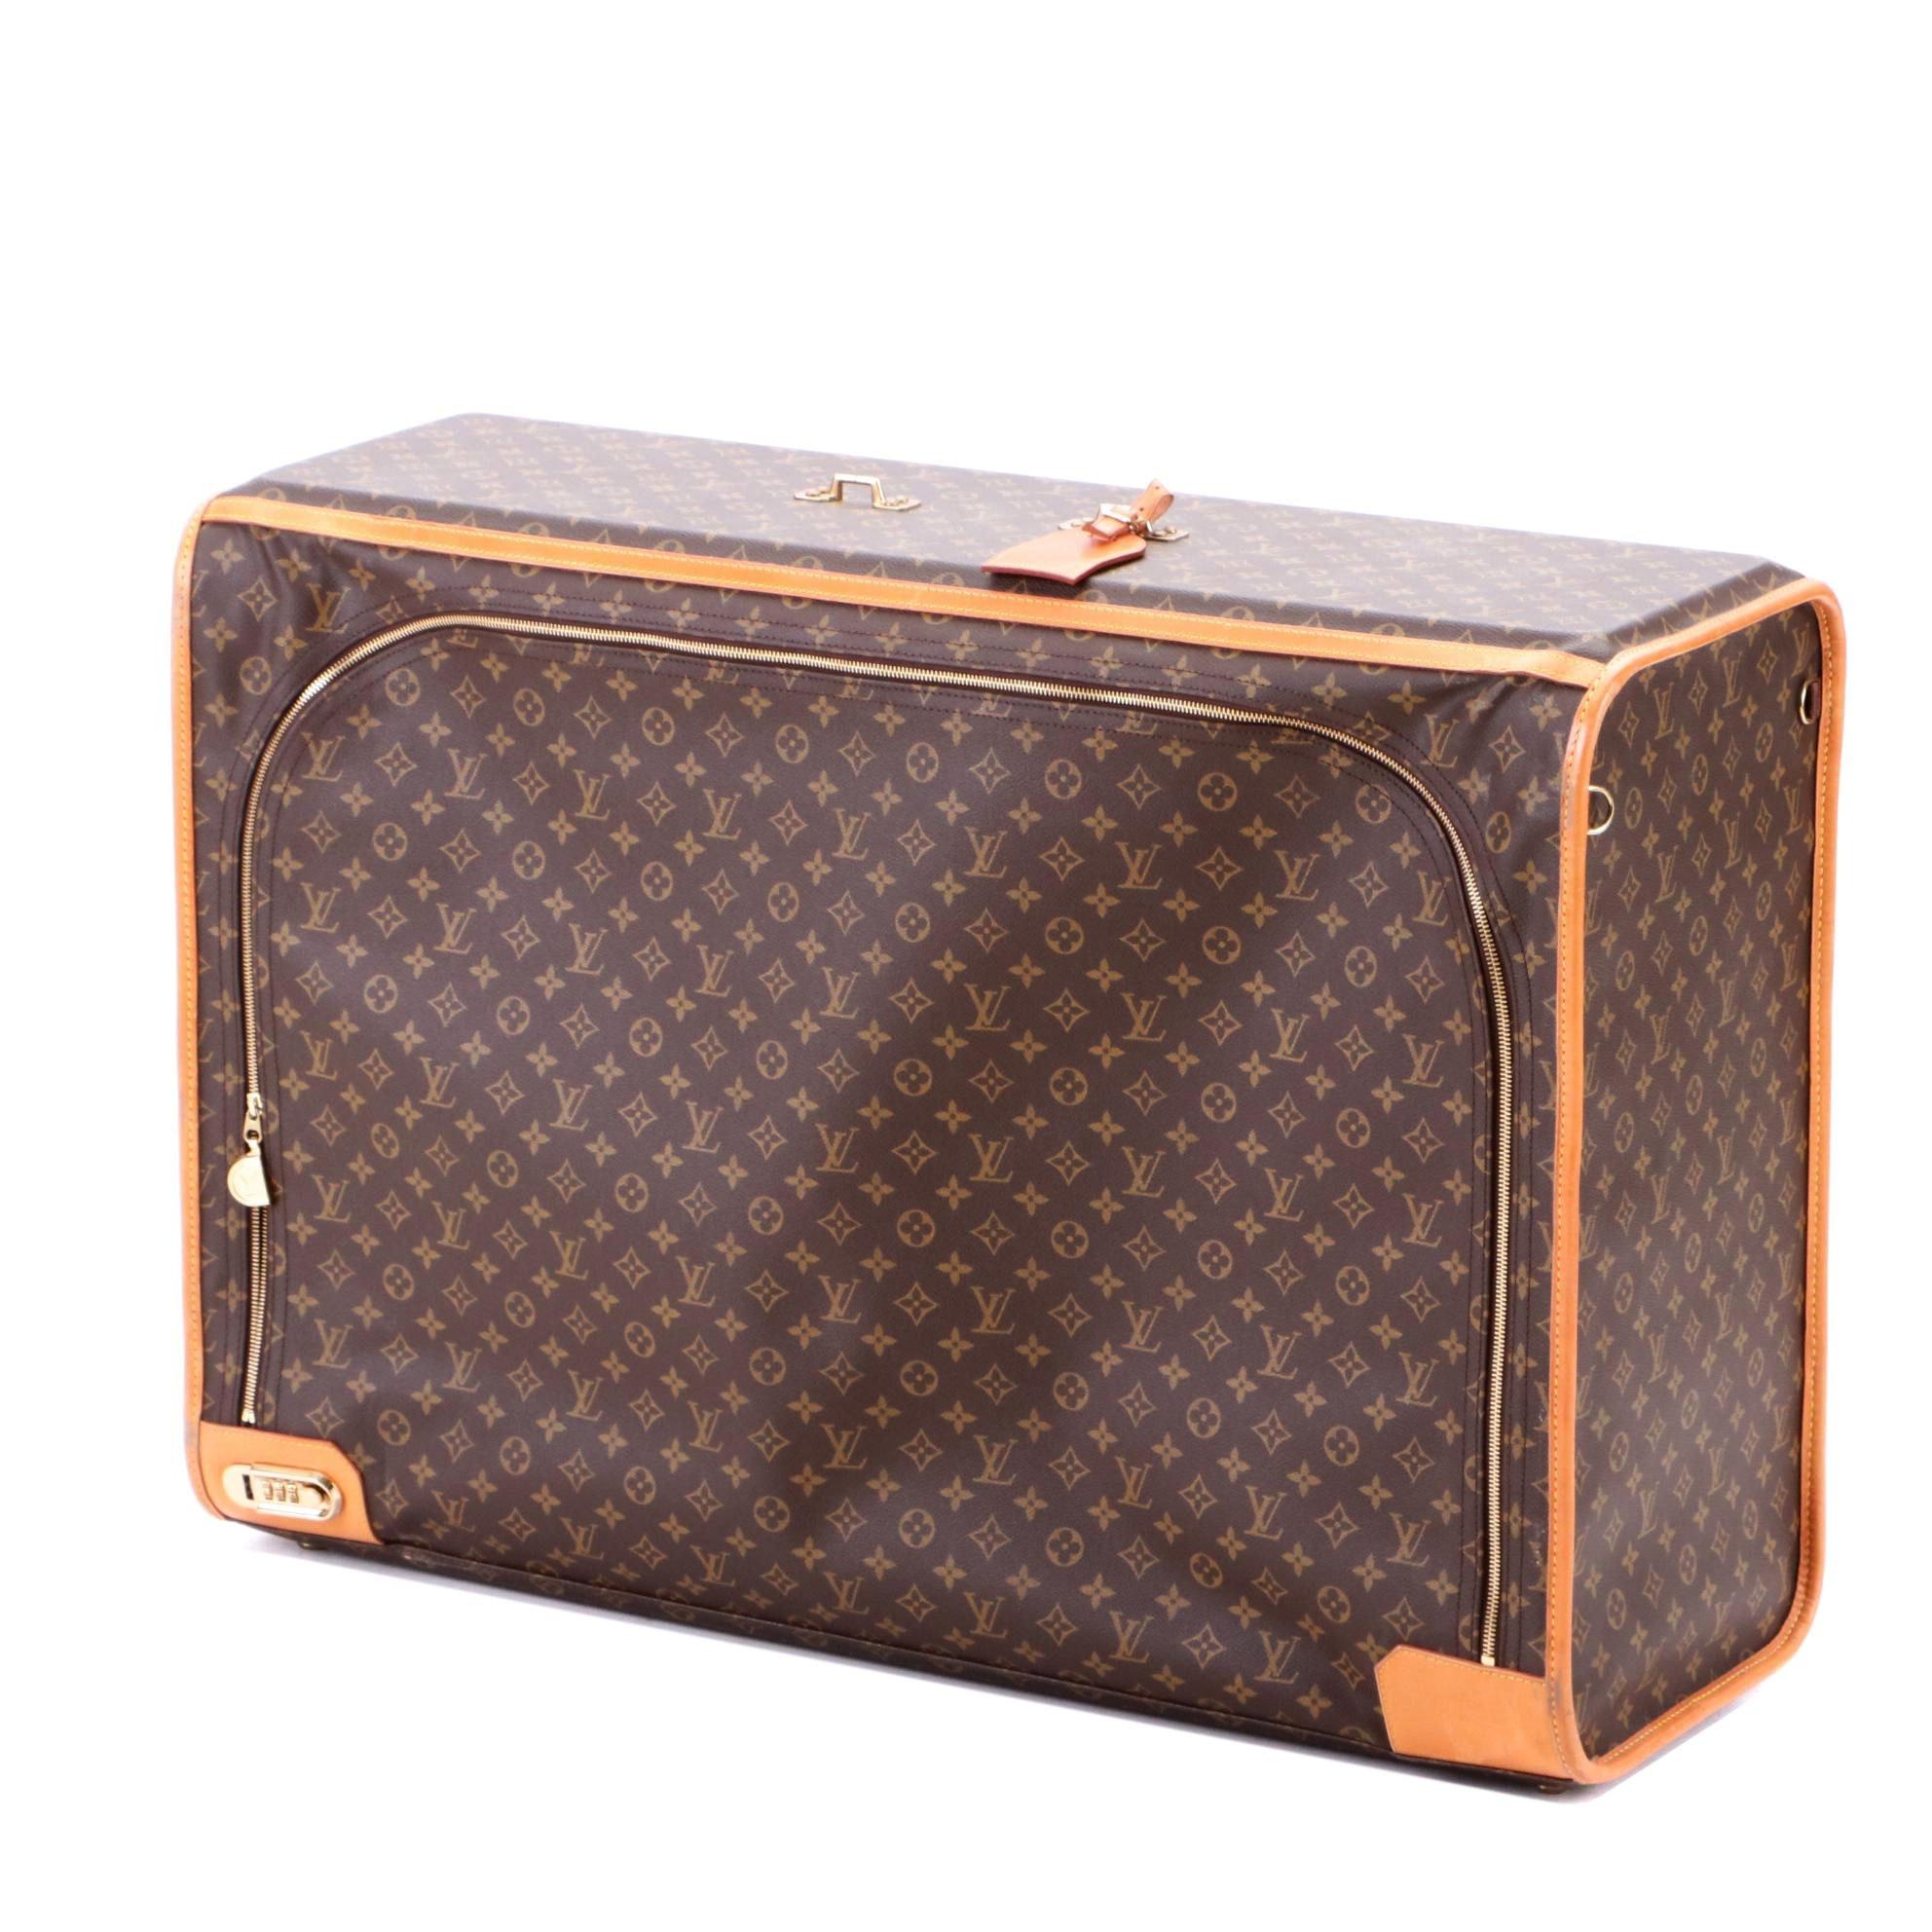 1995 Louis Vuitton Monogram Canvas Suitcase